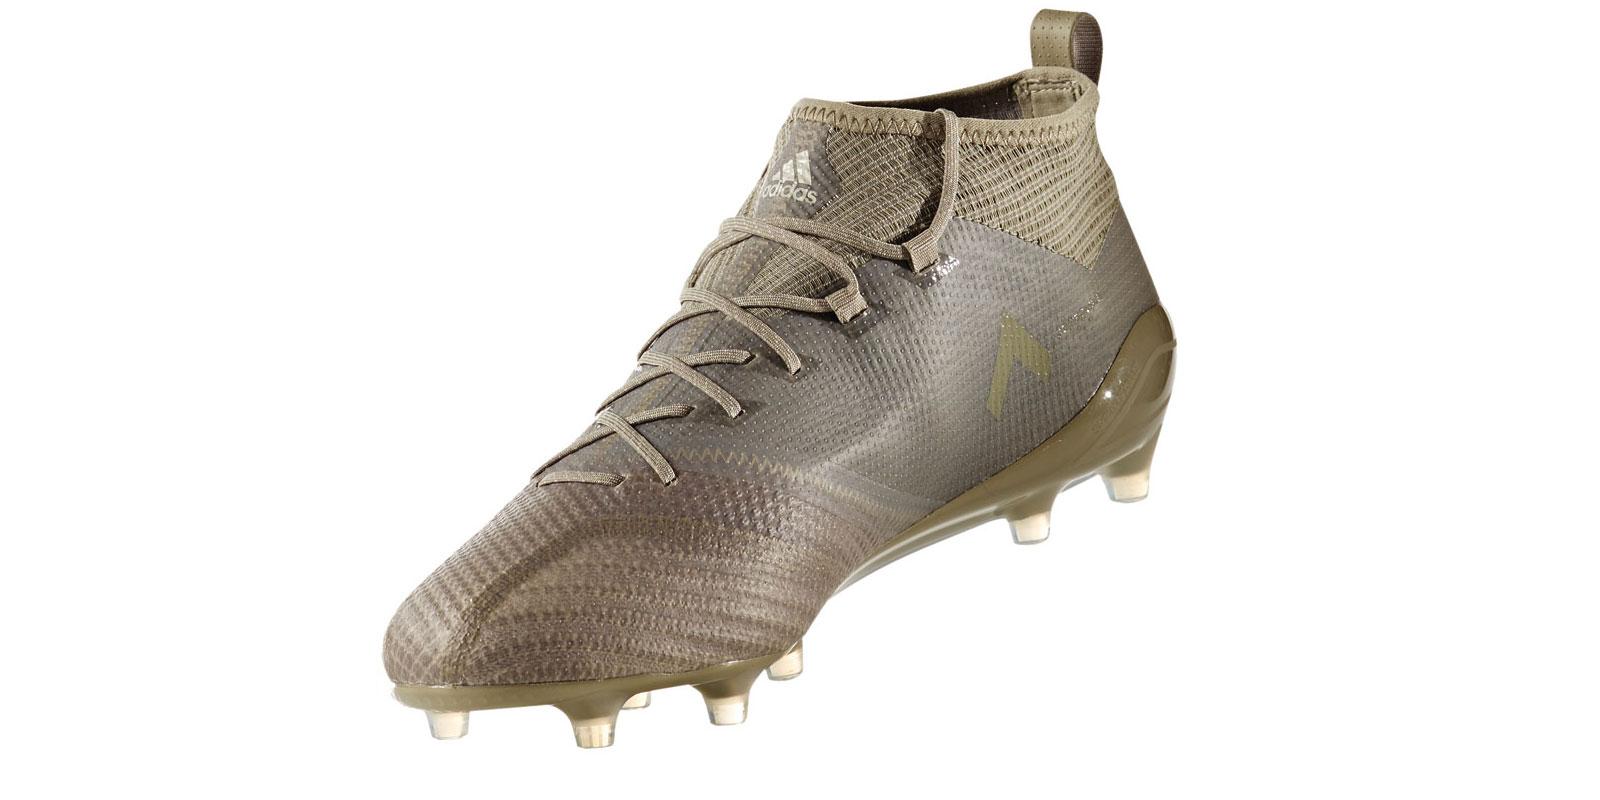 Adidas Ace 17 Purecontrol und Adidas Ace 17 Primeknit Earth Storm Fußballschuhe online günstig bestellen